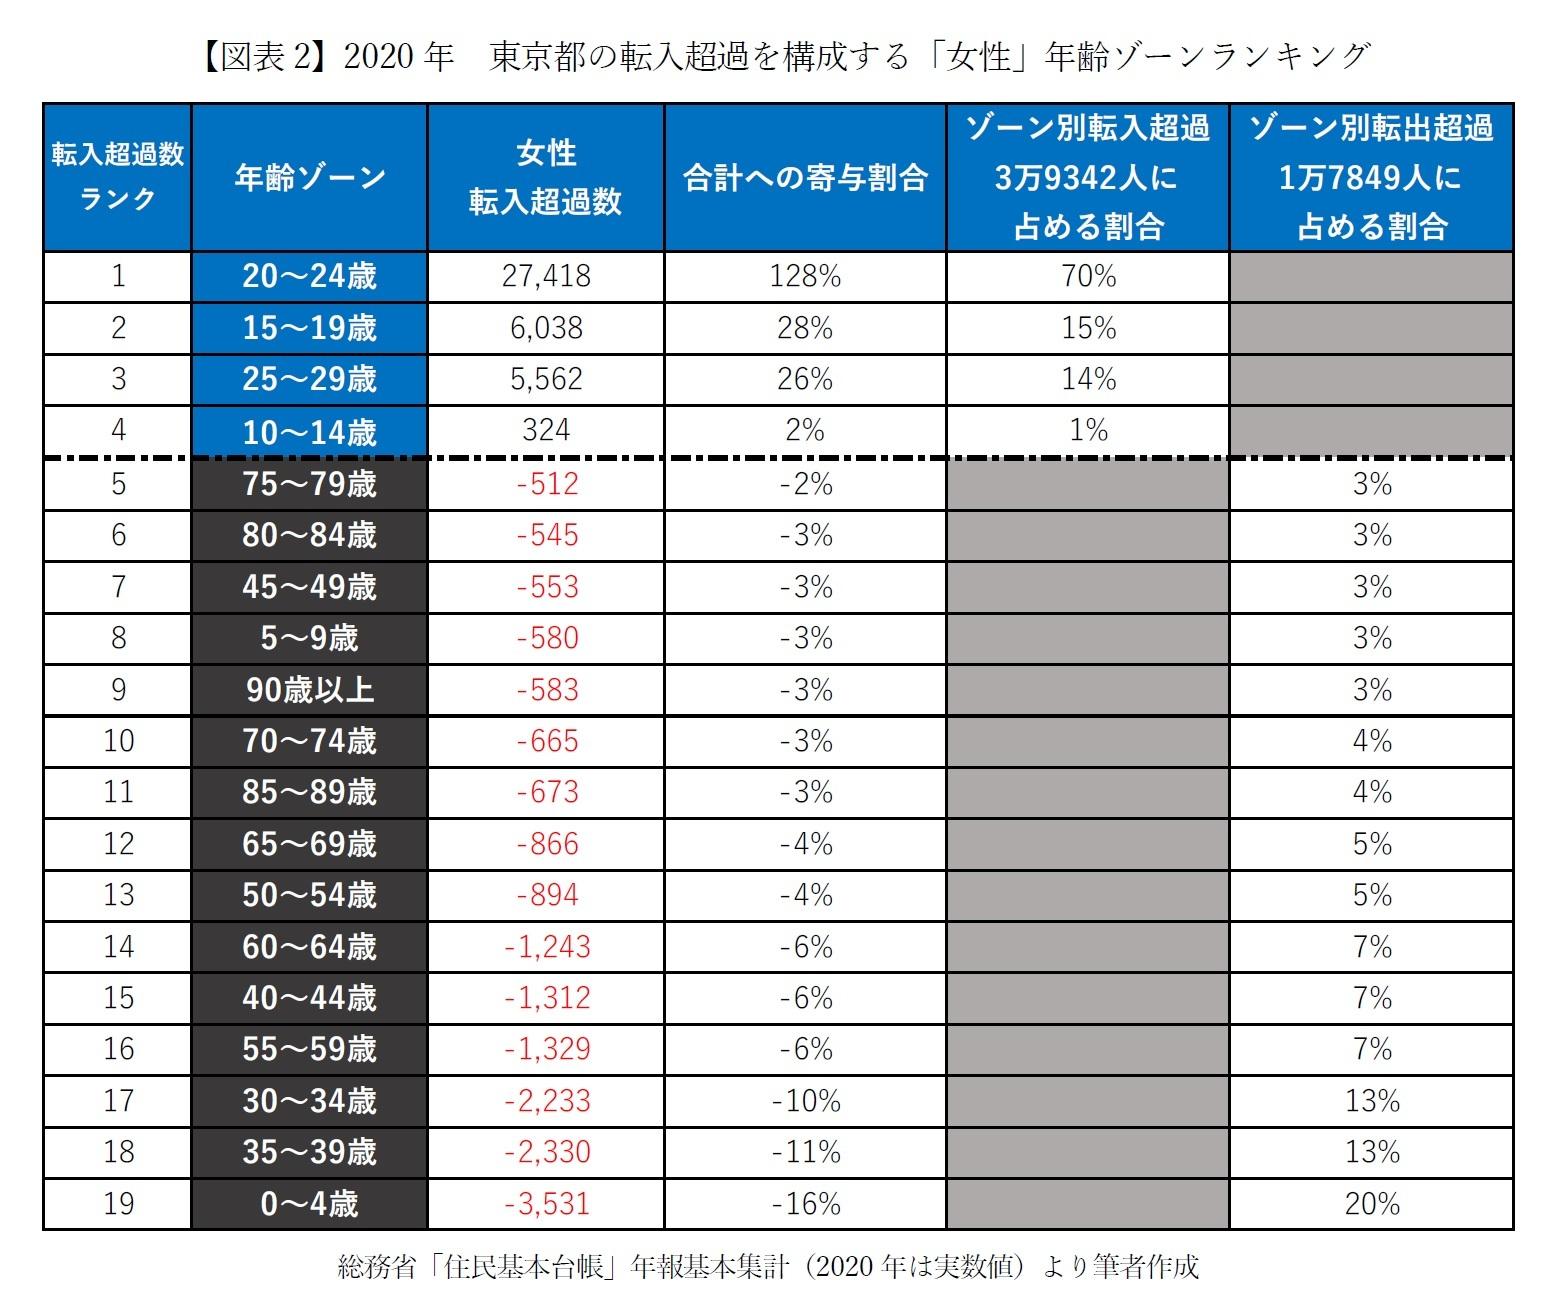 【図表2】2020年 東京都の転入超過を構成する「女性」年齢ゾーンランキング